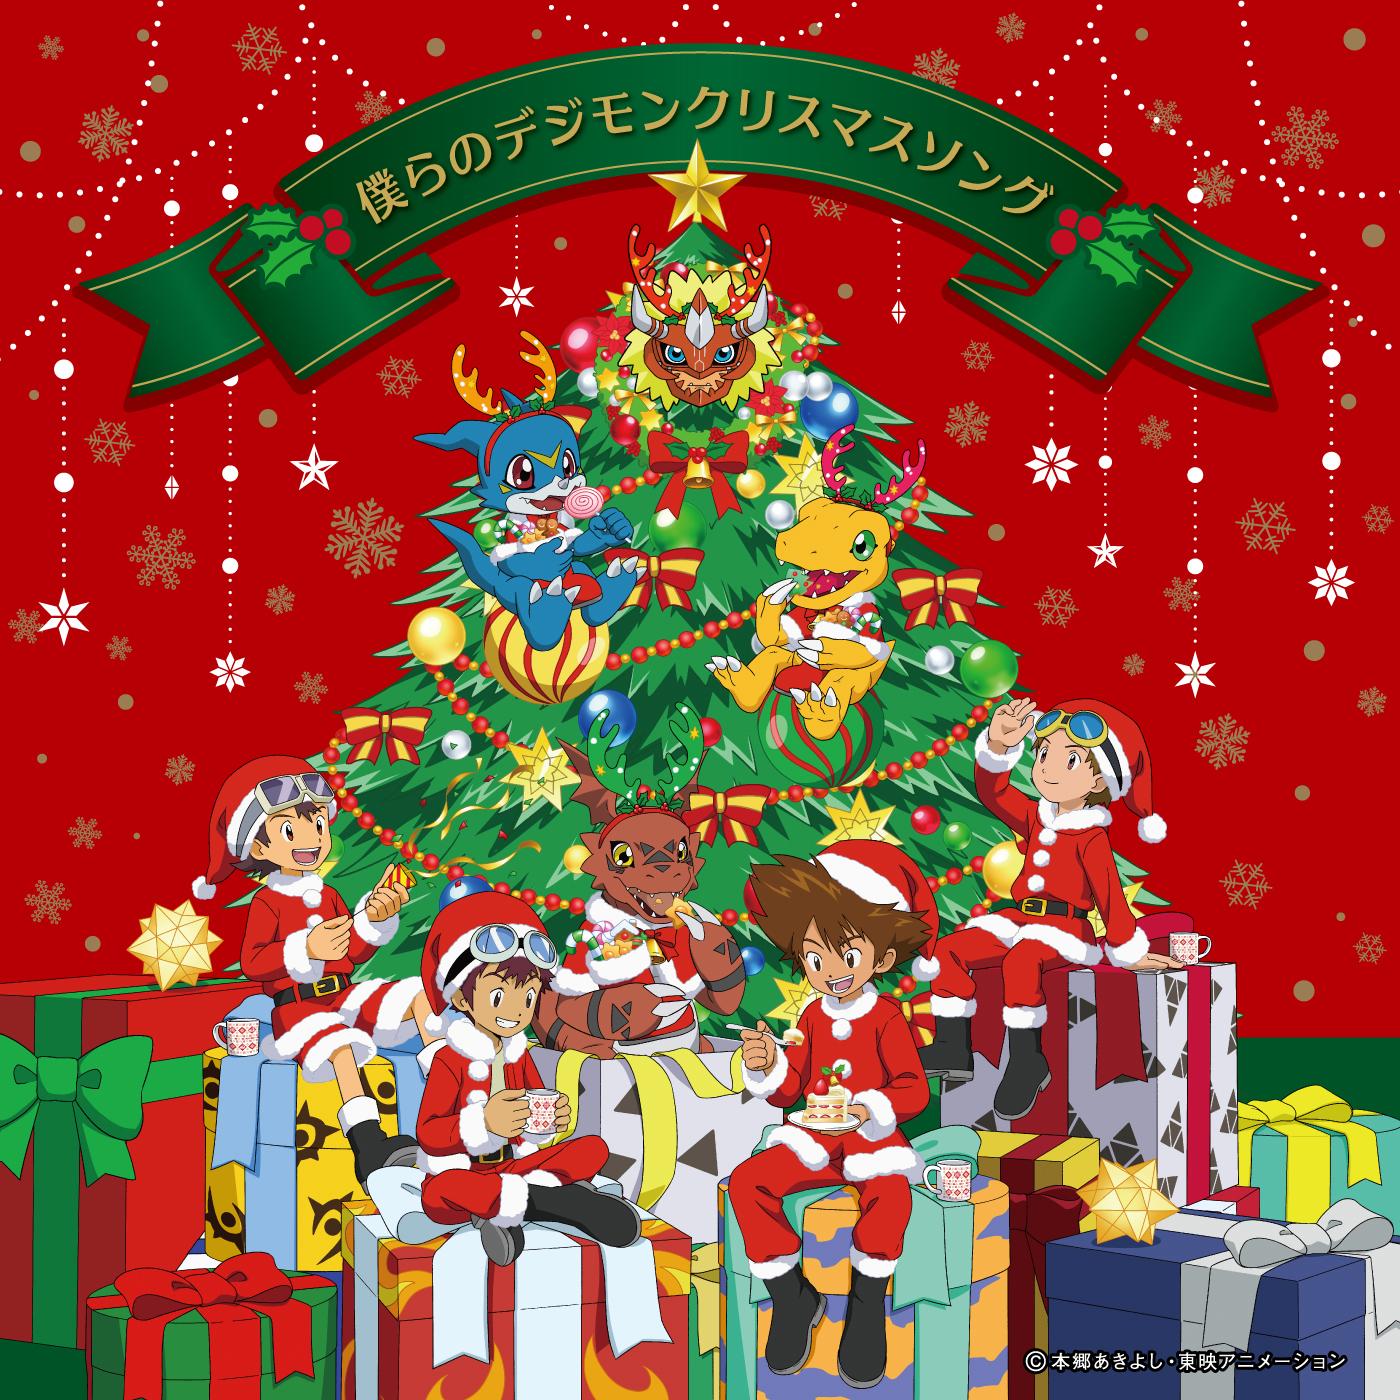 僕らのデジモンクリスマスソング〔デジタルアルバム〕/Various Artists